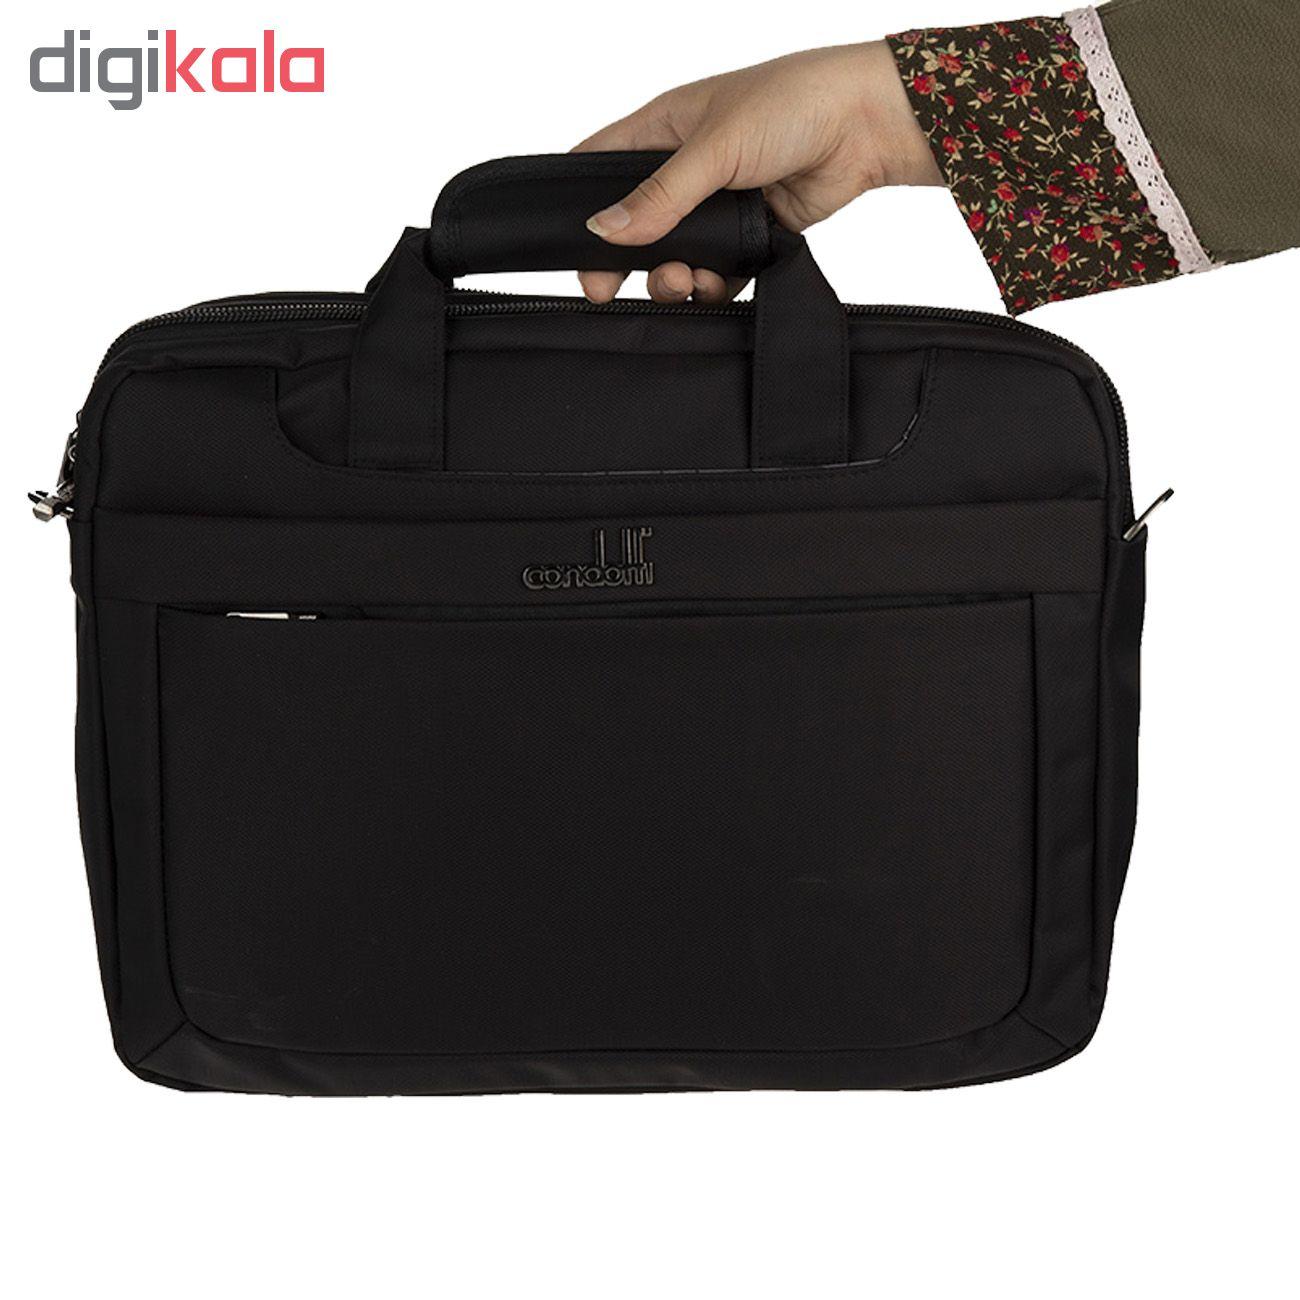 کیف لپ تاپ کندوتی مدل T-600-2 مناسب برای لپ تاپ 15.6 اینچی